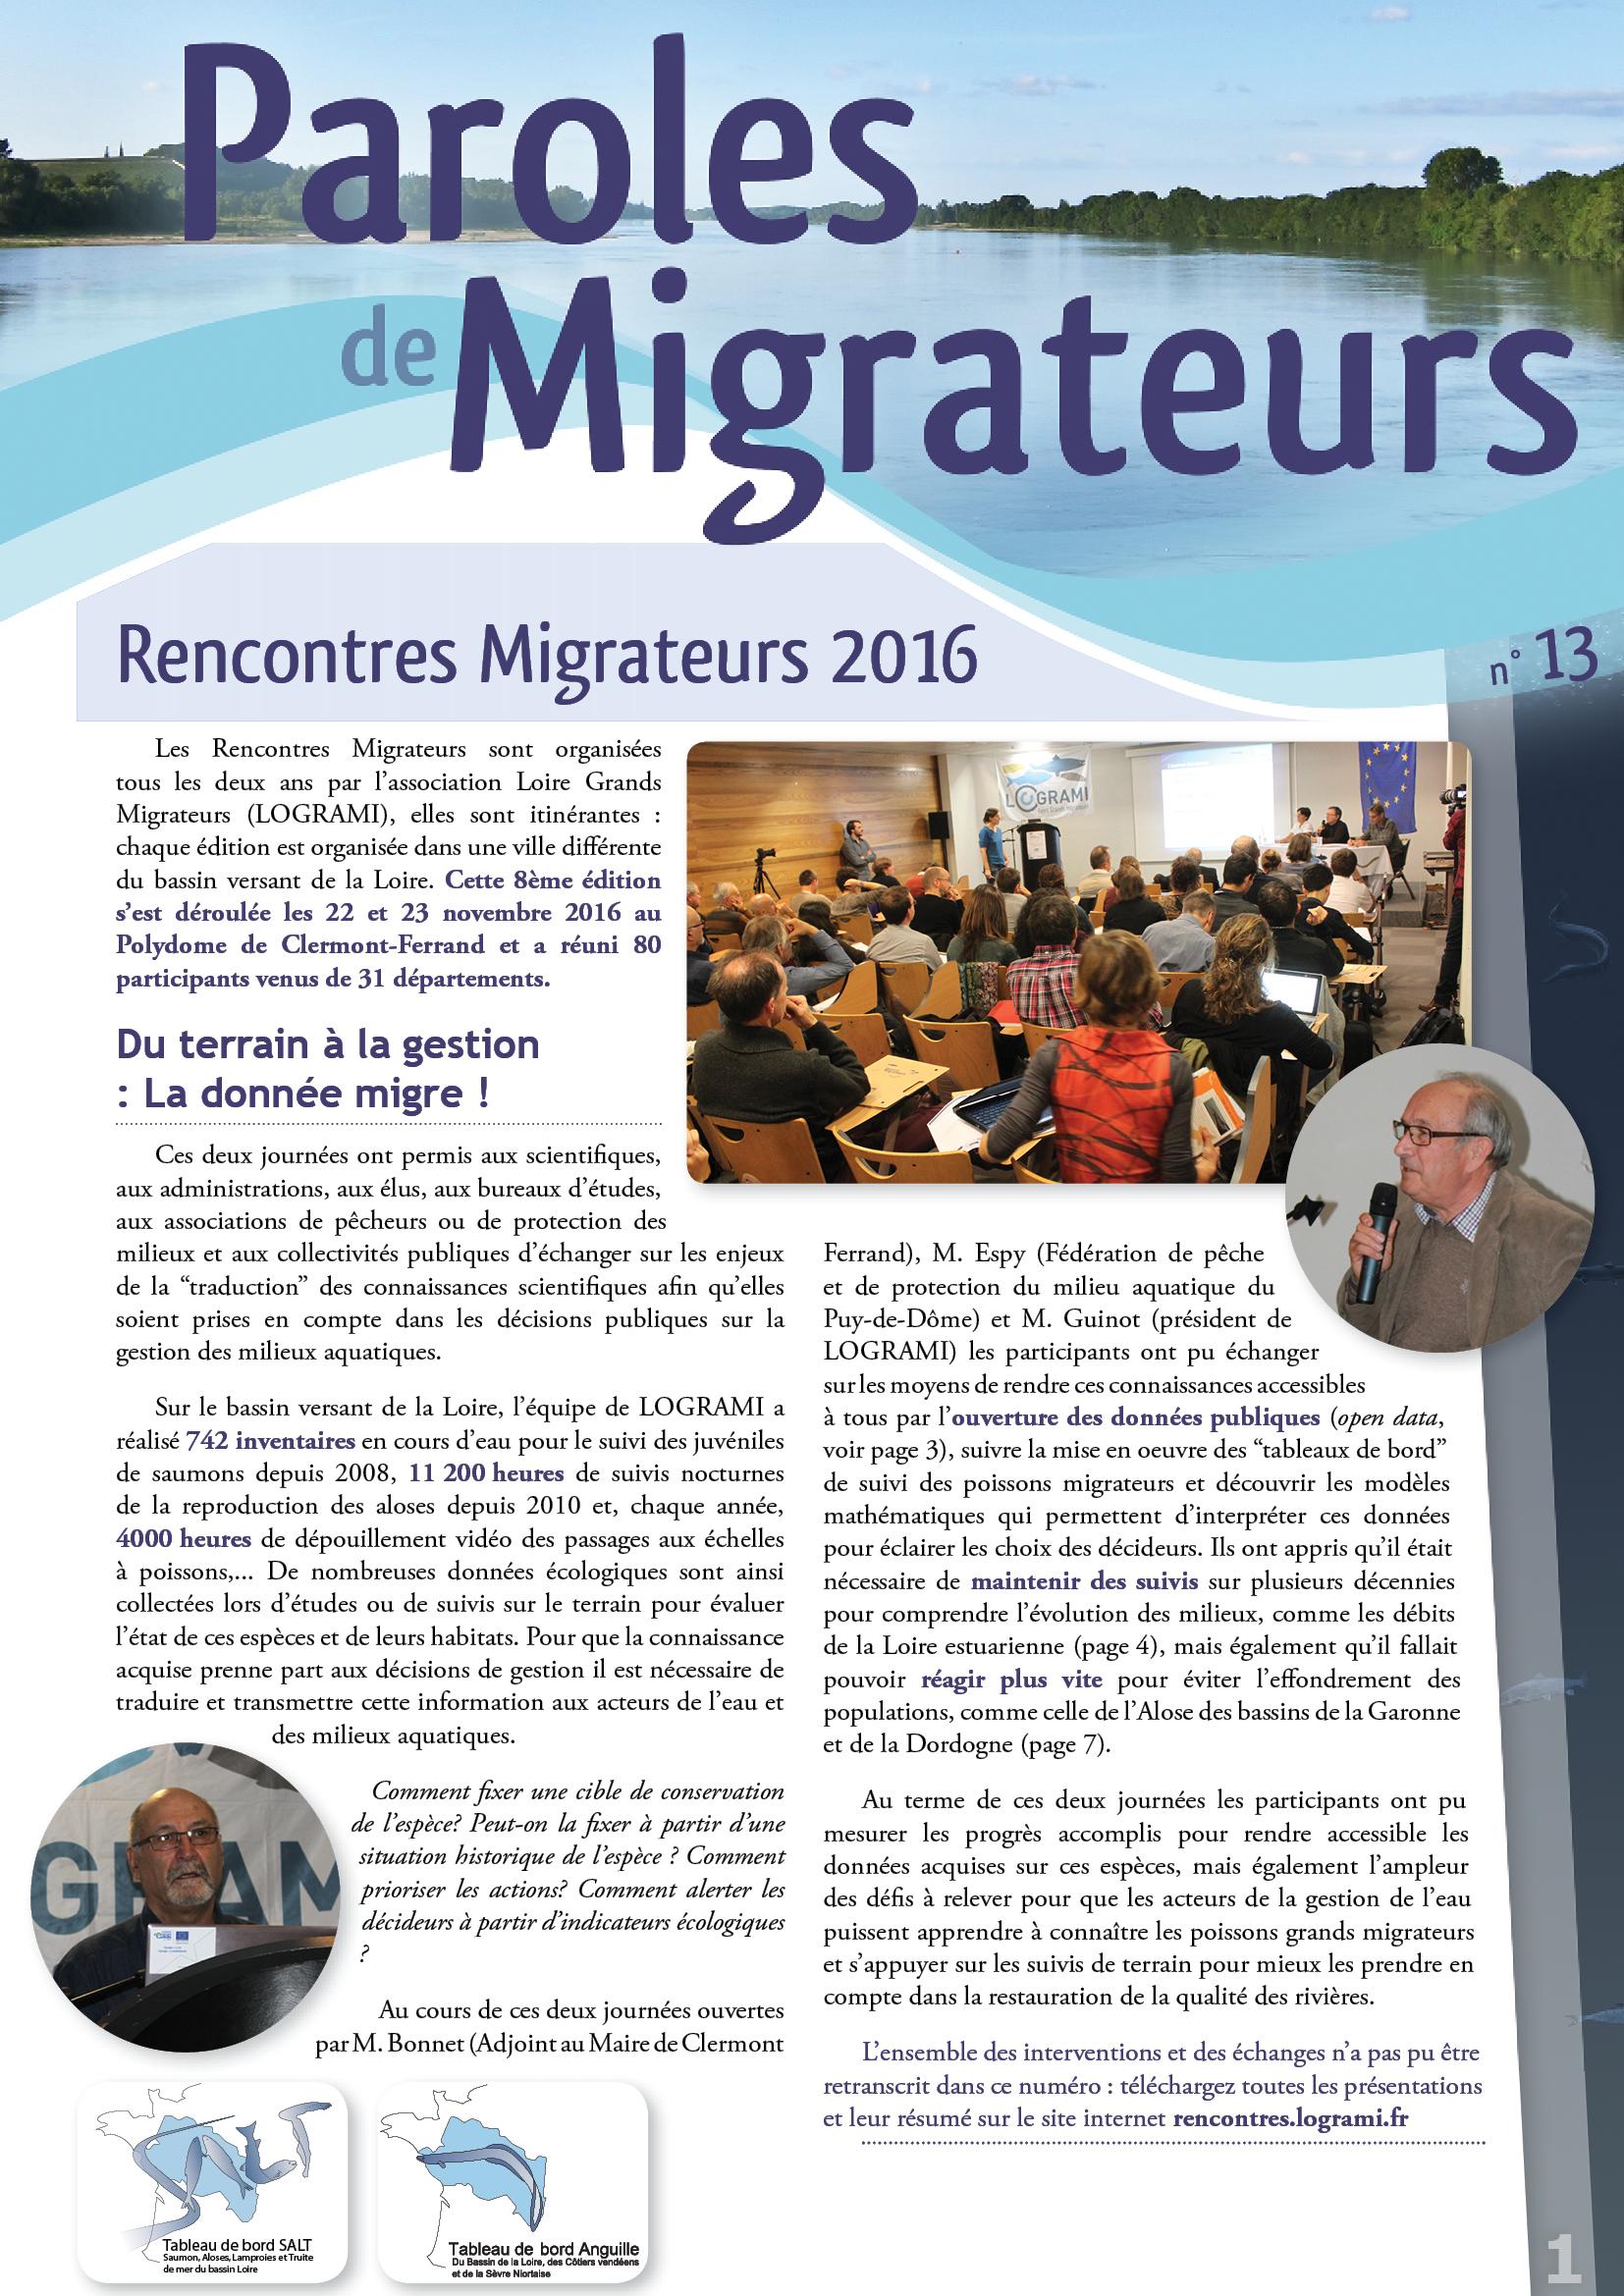 Paroles de Migrateurs n°13